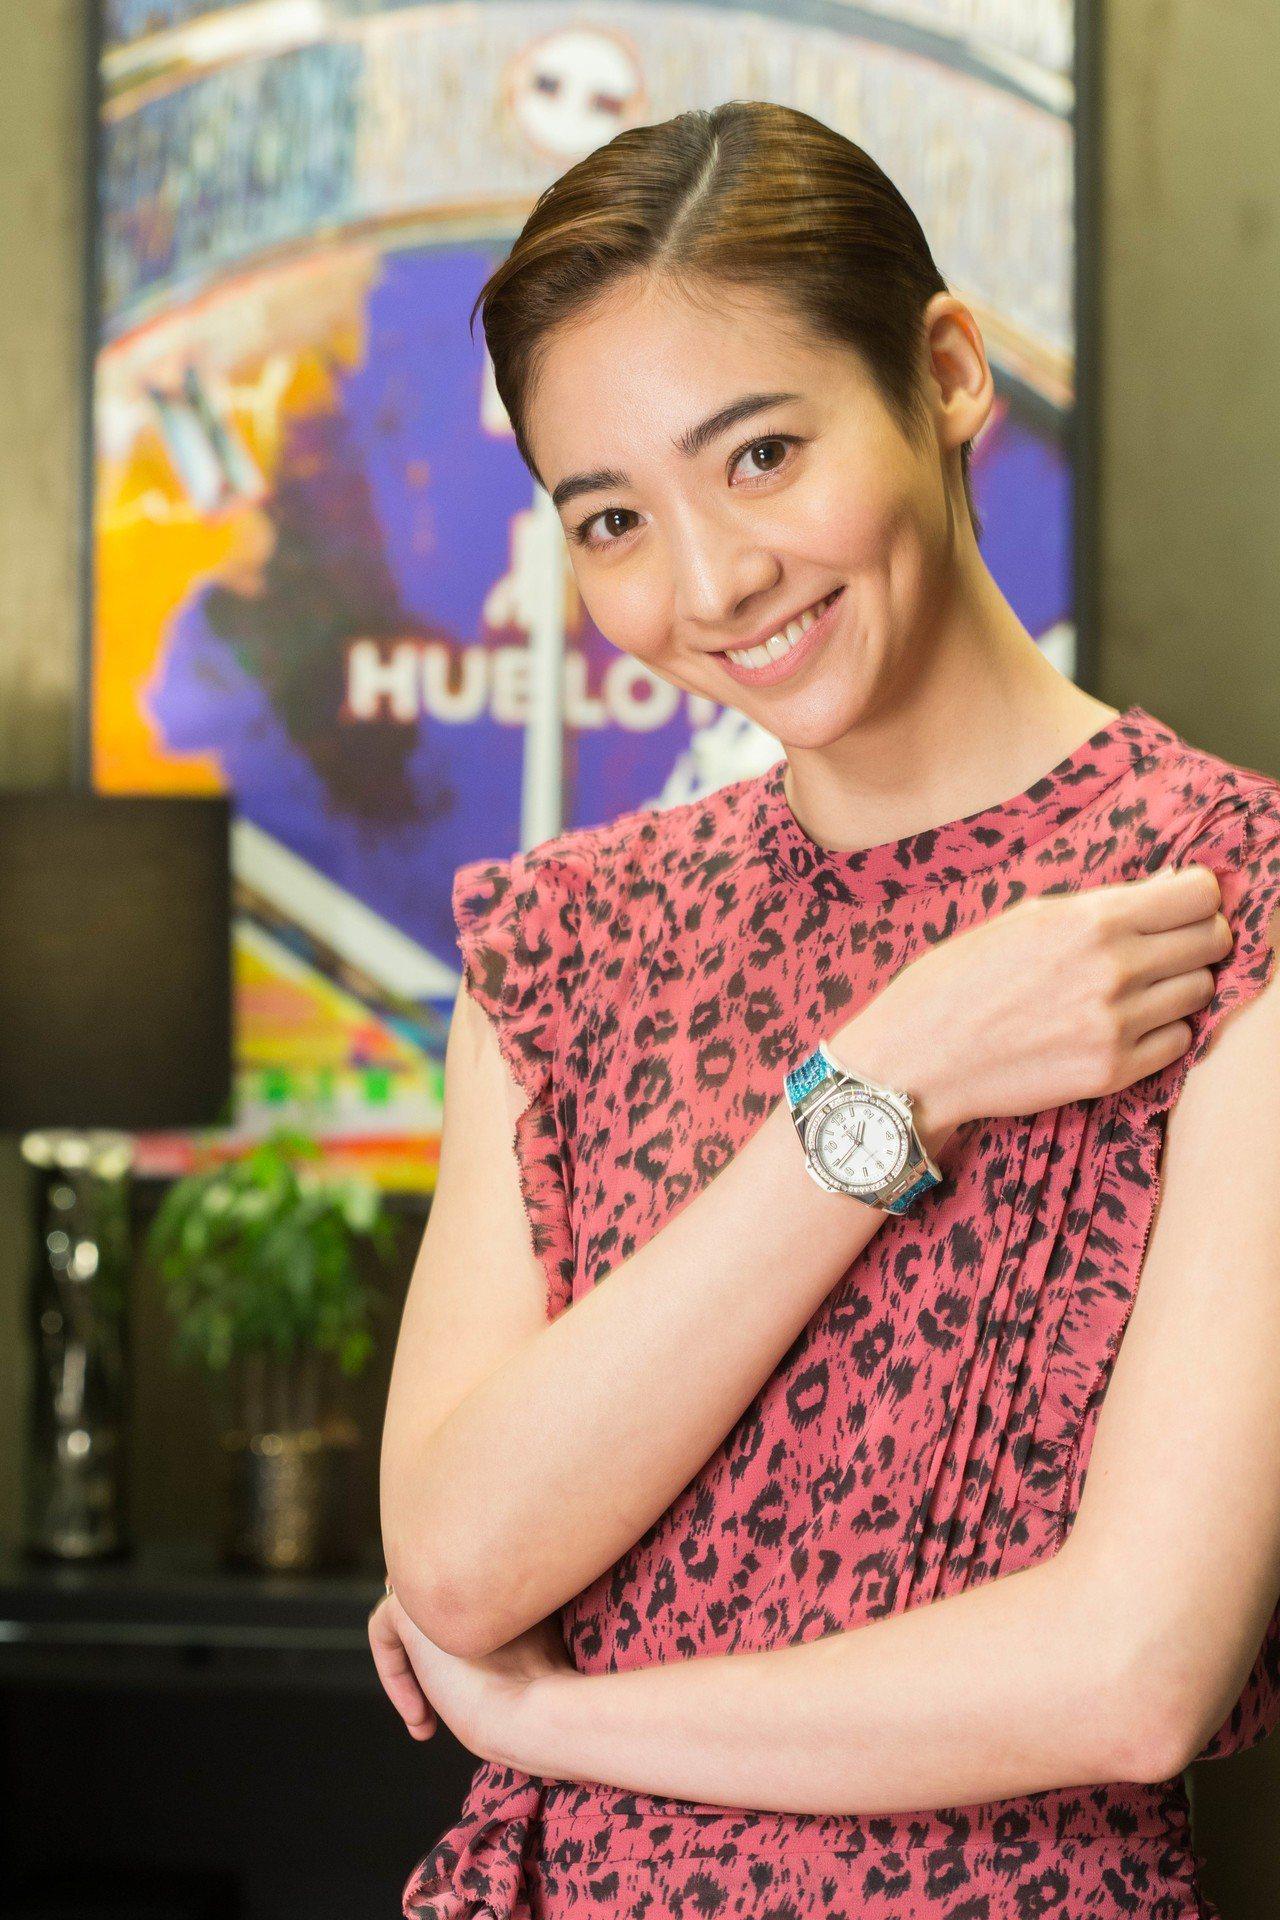 女星謝沛恩搭配了宇舶宇舶Big Bang One Click鑲鑽腕表,約45萬5...